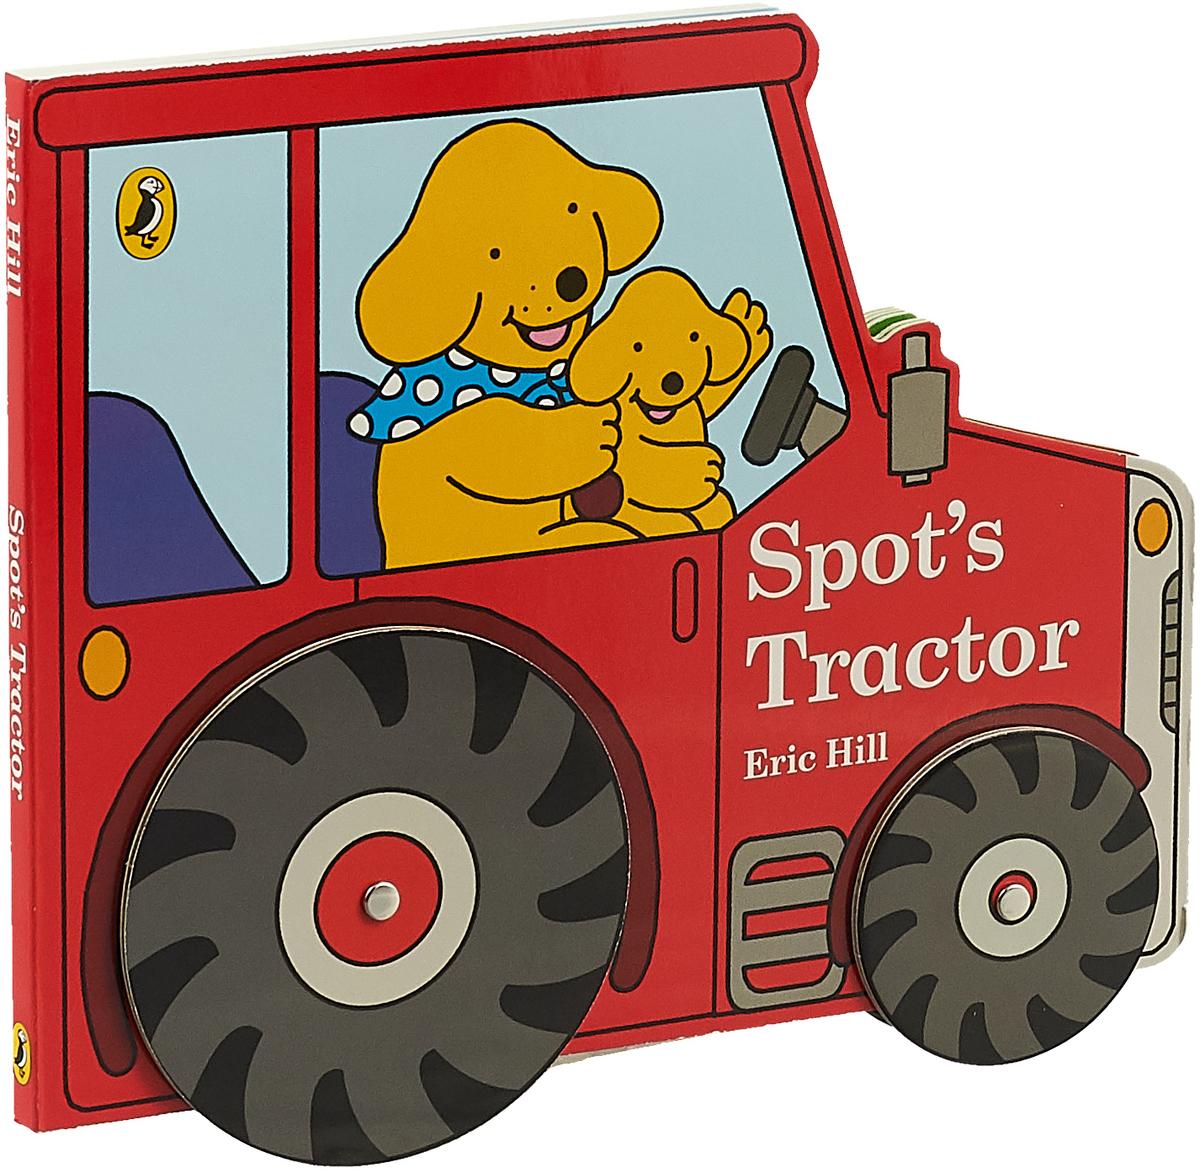 Spots Tractor no spots white